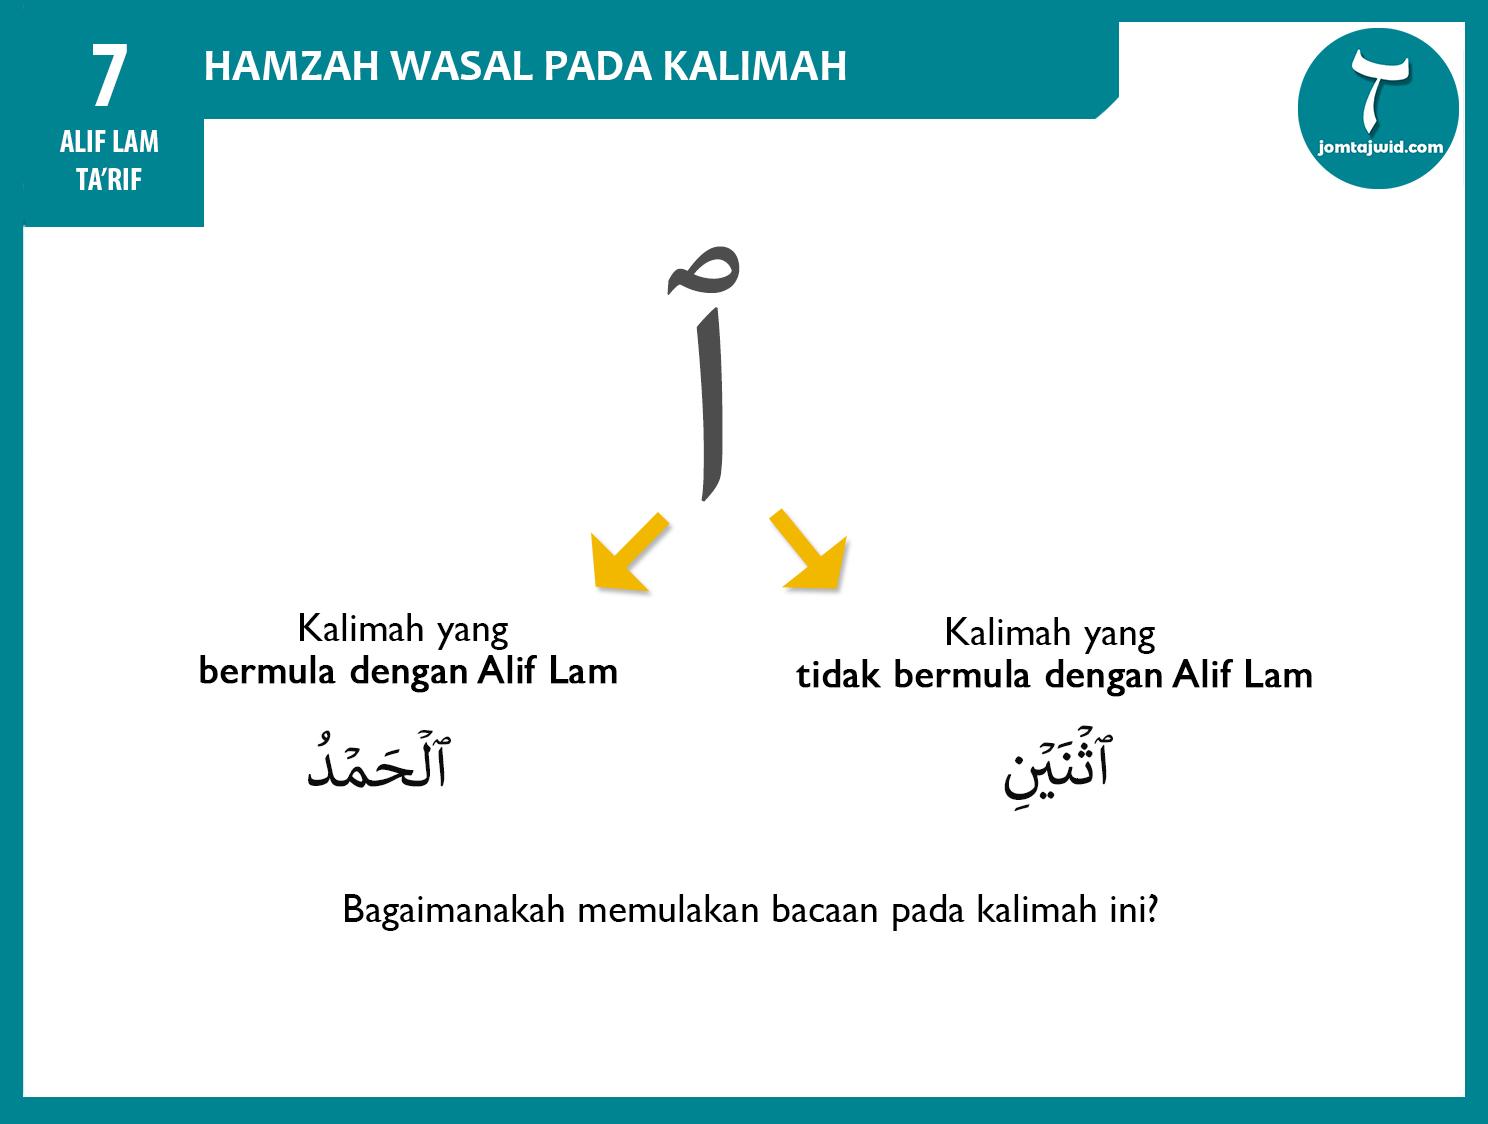 Alif Lam Hamzah Wasal 2